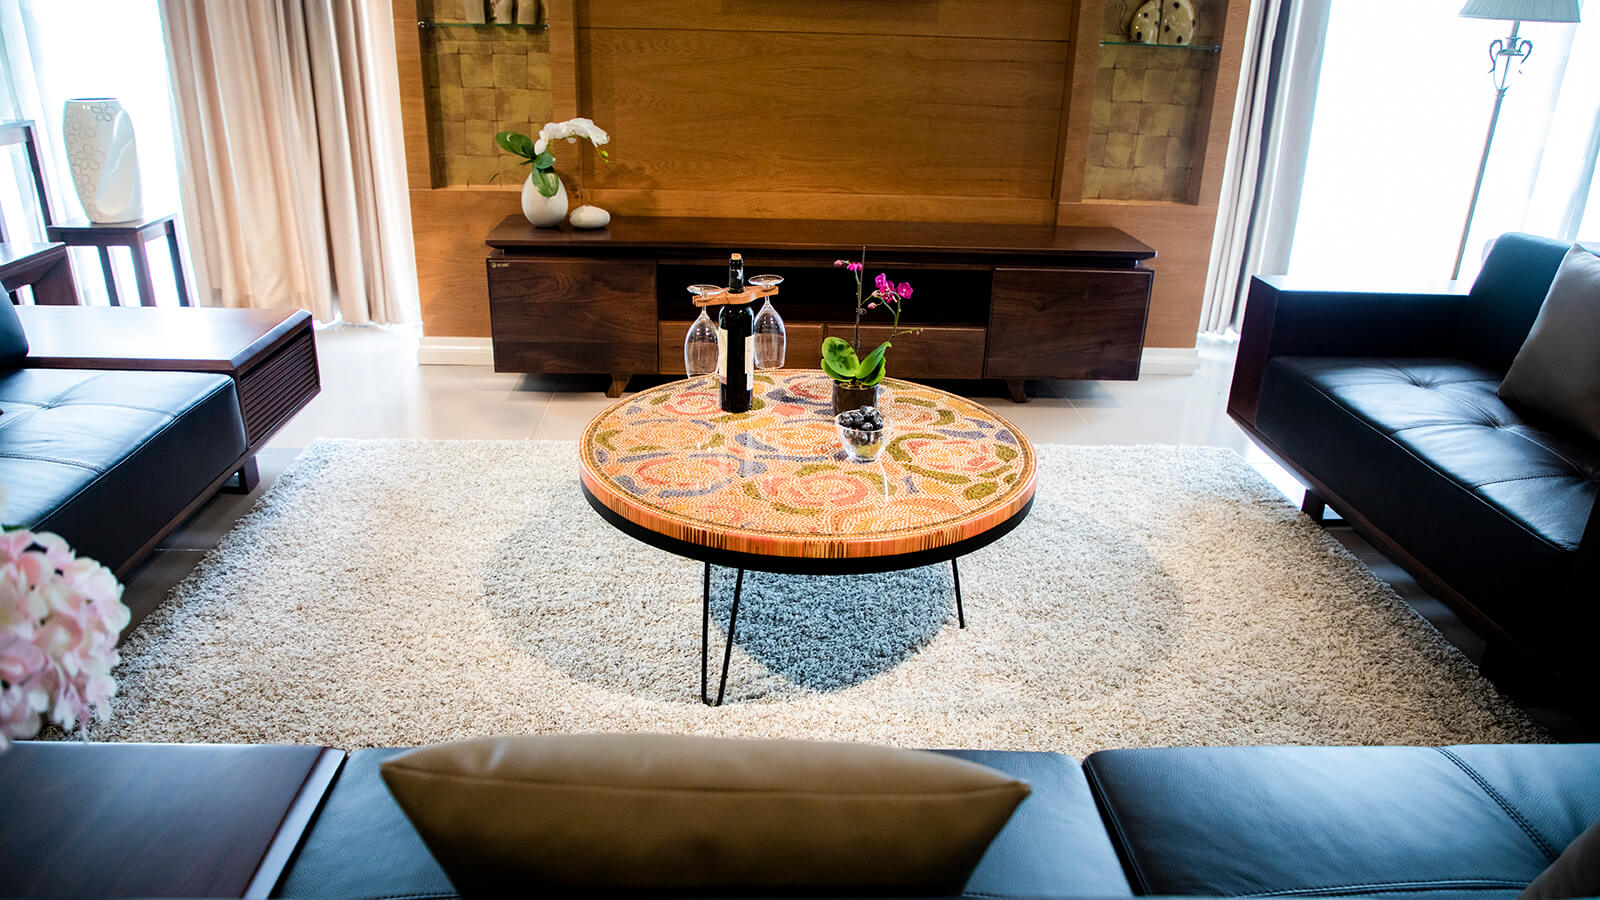 Unique Home Decor Table